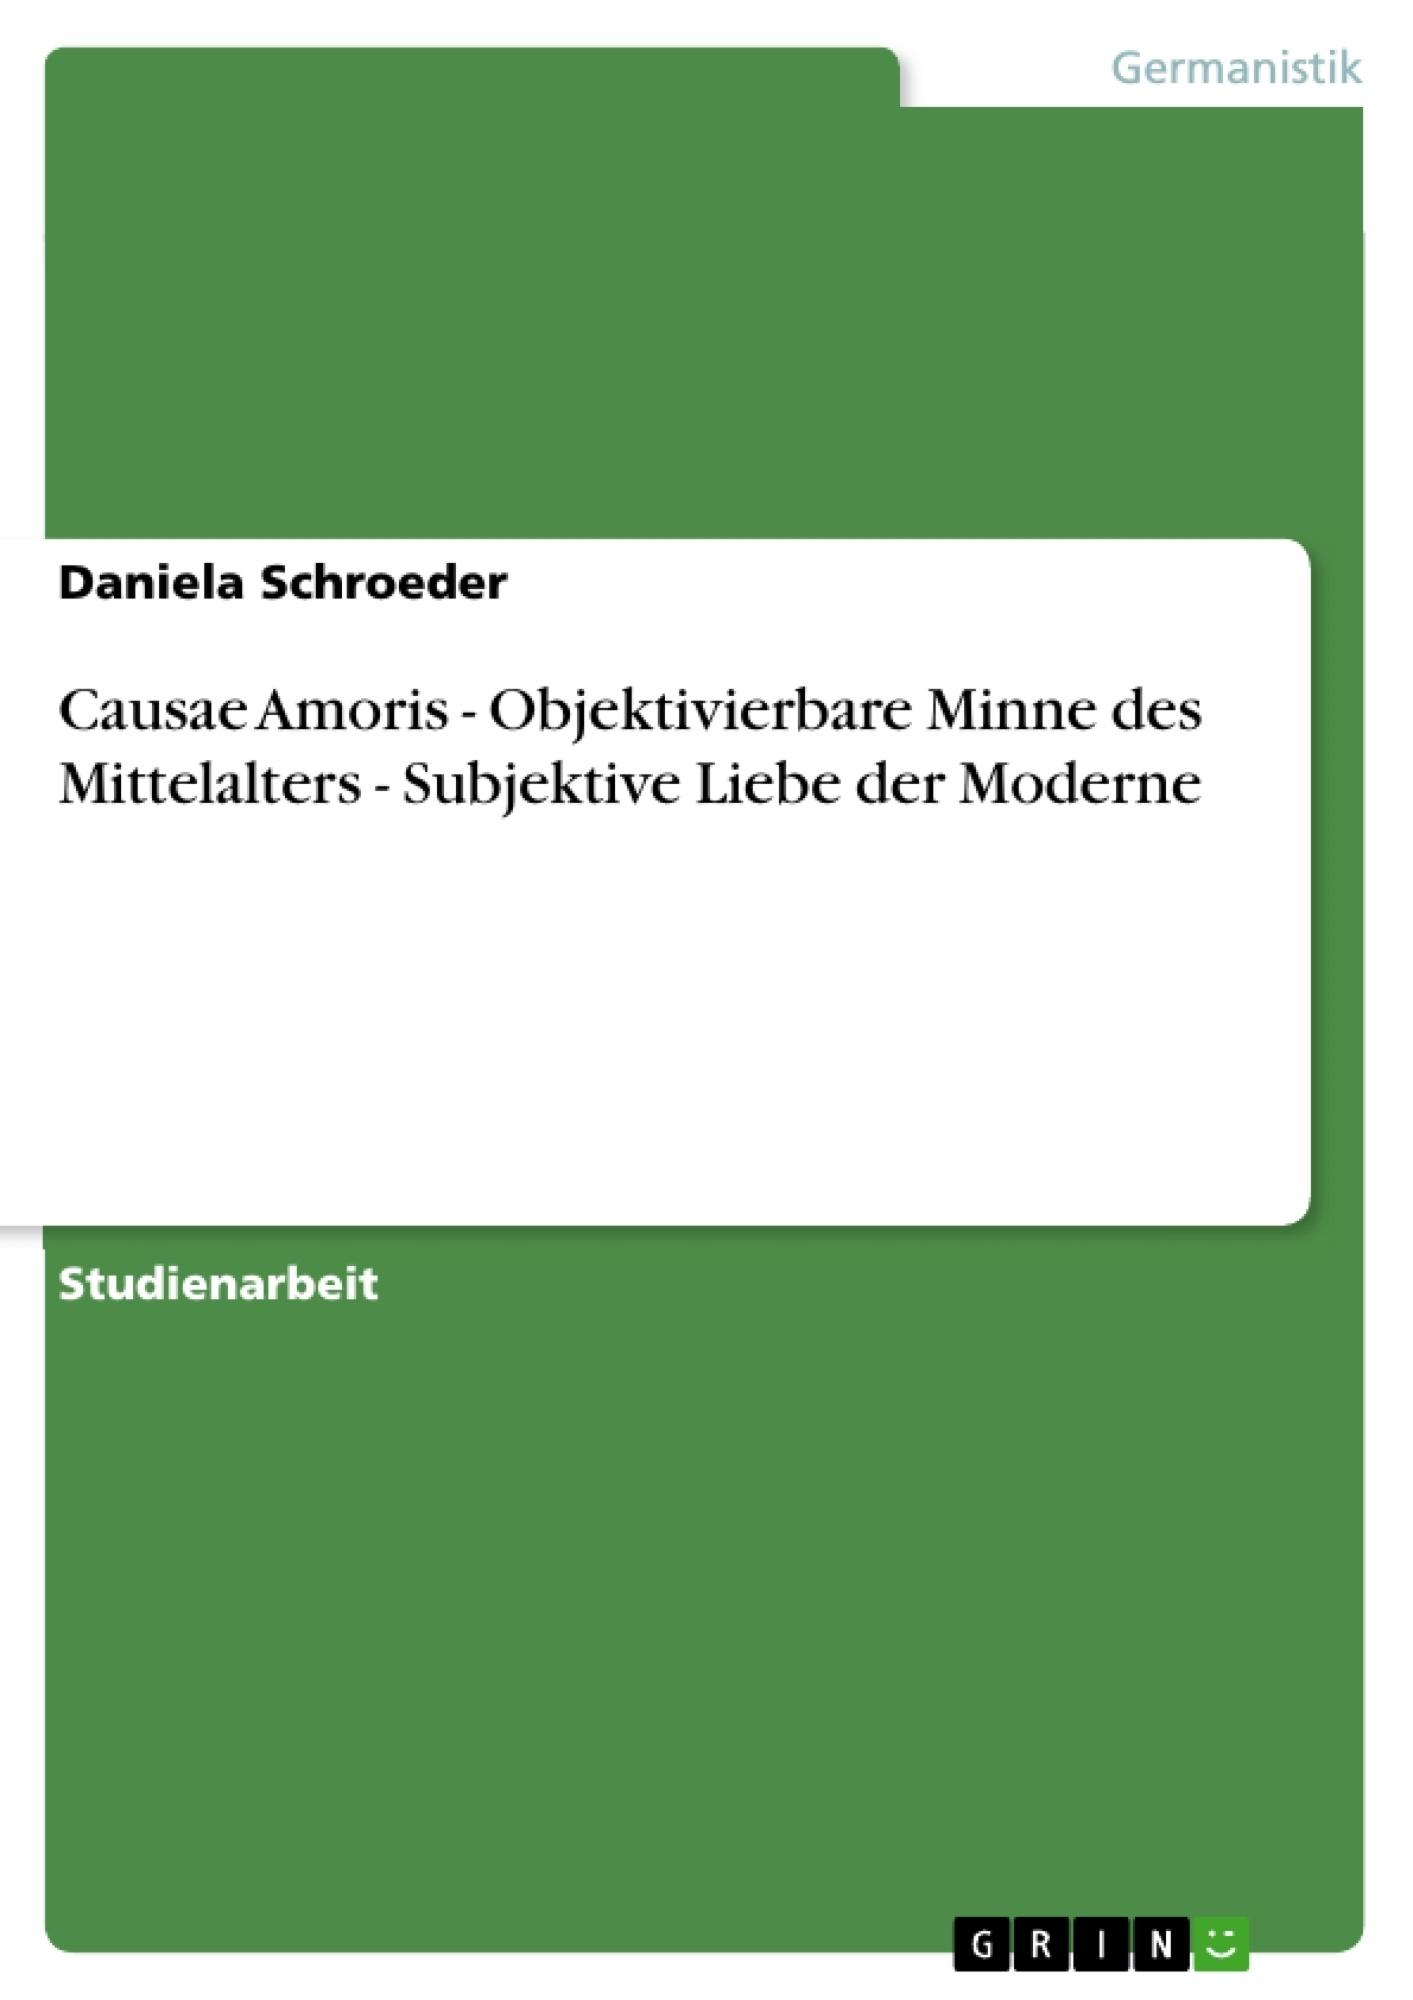 Titel: Causae Amoris - Objektivierbare Minne des Mittelalters - Subjektive Liebe der Moderne